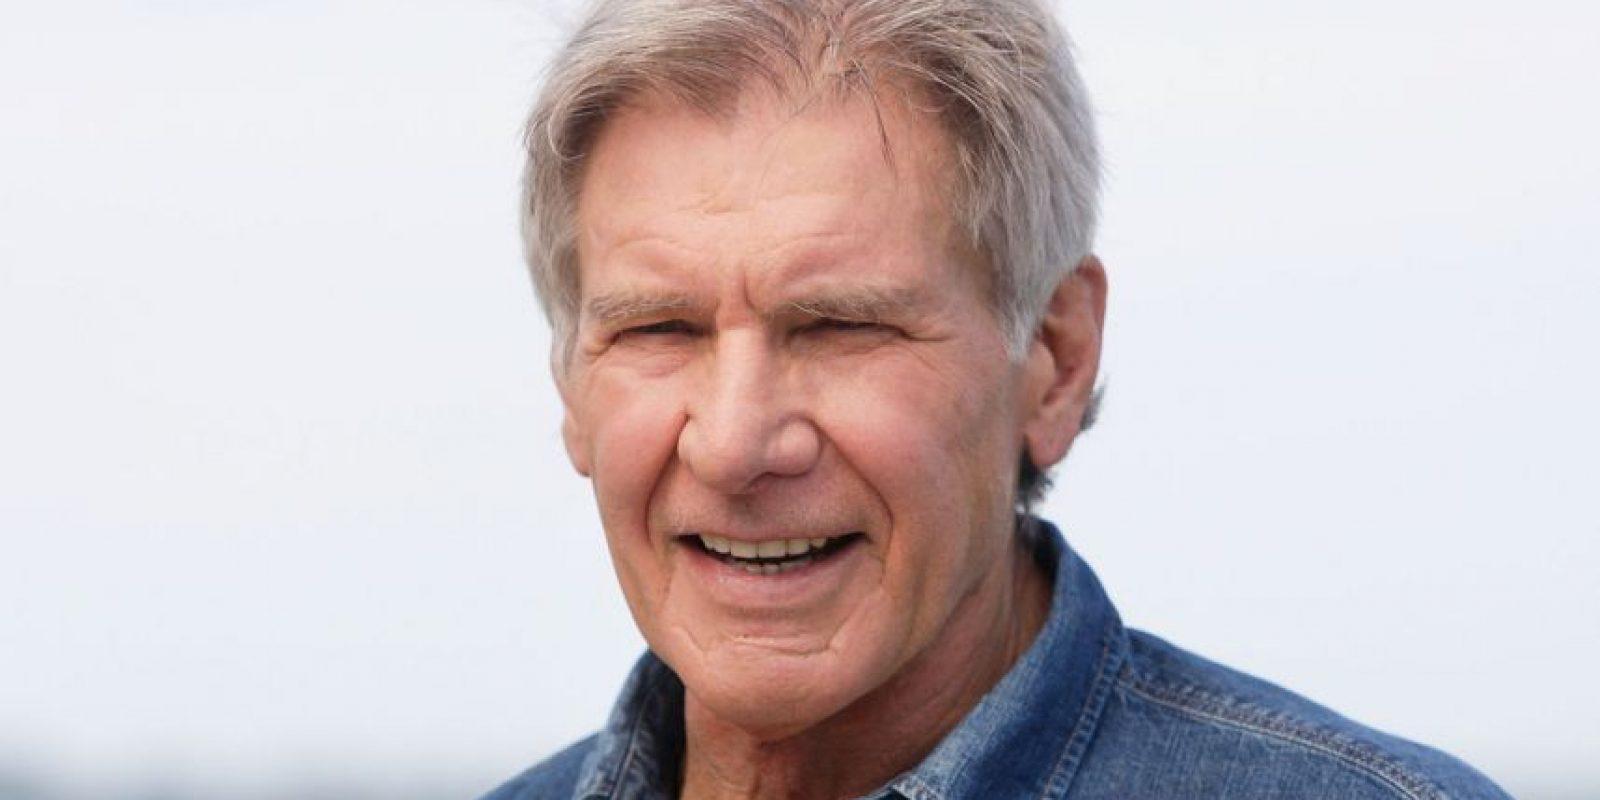 Harrison Ford no fue la primera opción para protagonizar Indiana Jones. Tom Selleck iba a interpretar al valiente arqueólogo, pero no pudo estar en la grabación debido a problemas de agenda. Foto:Getty Images